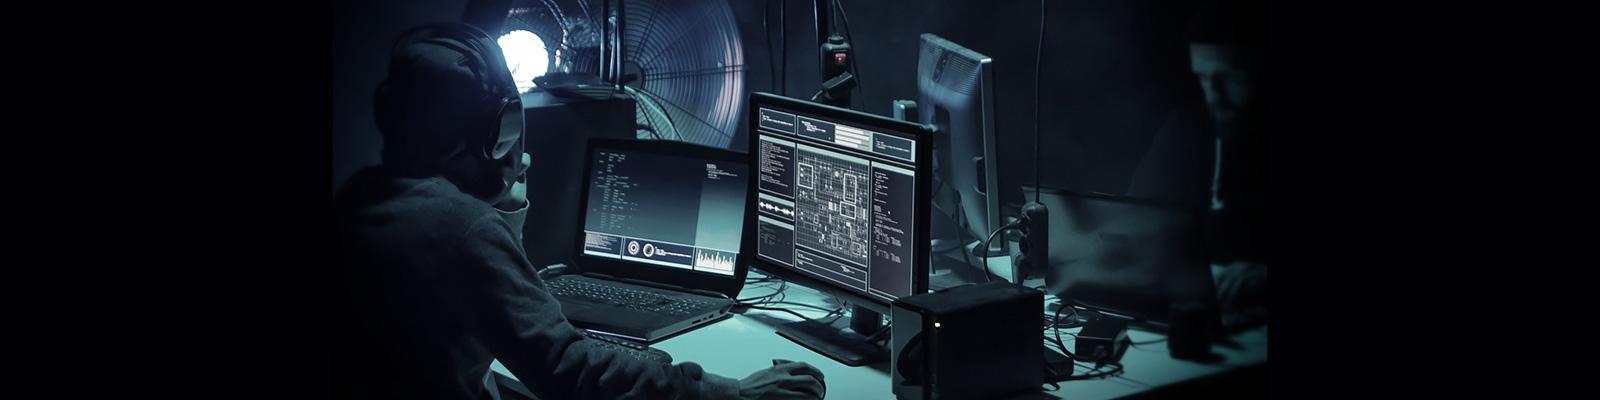 サイバー ハッキング イメージ